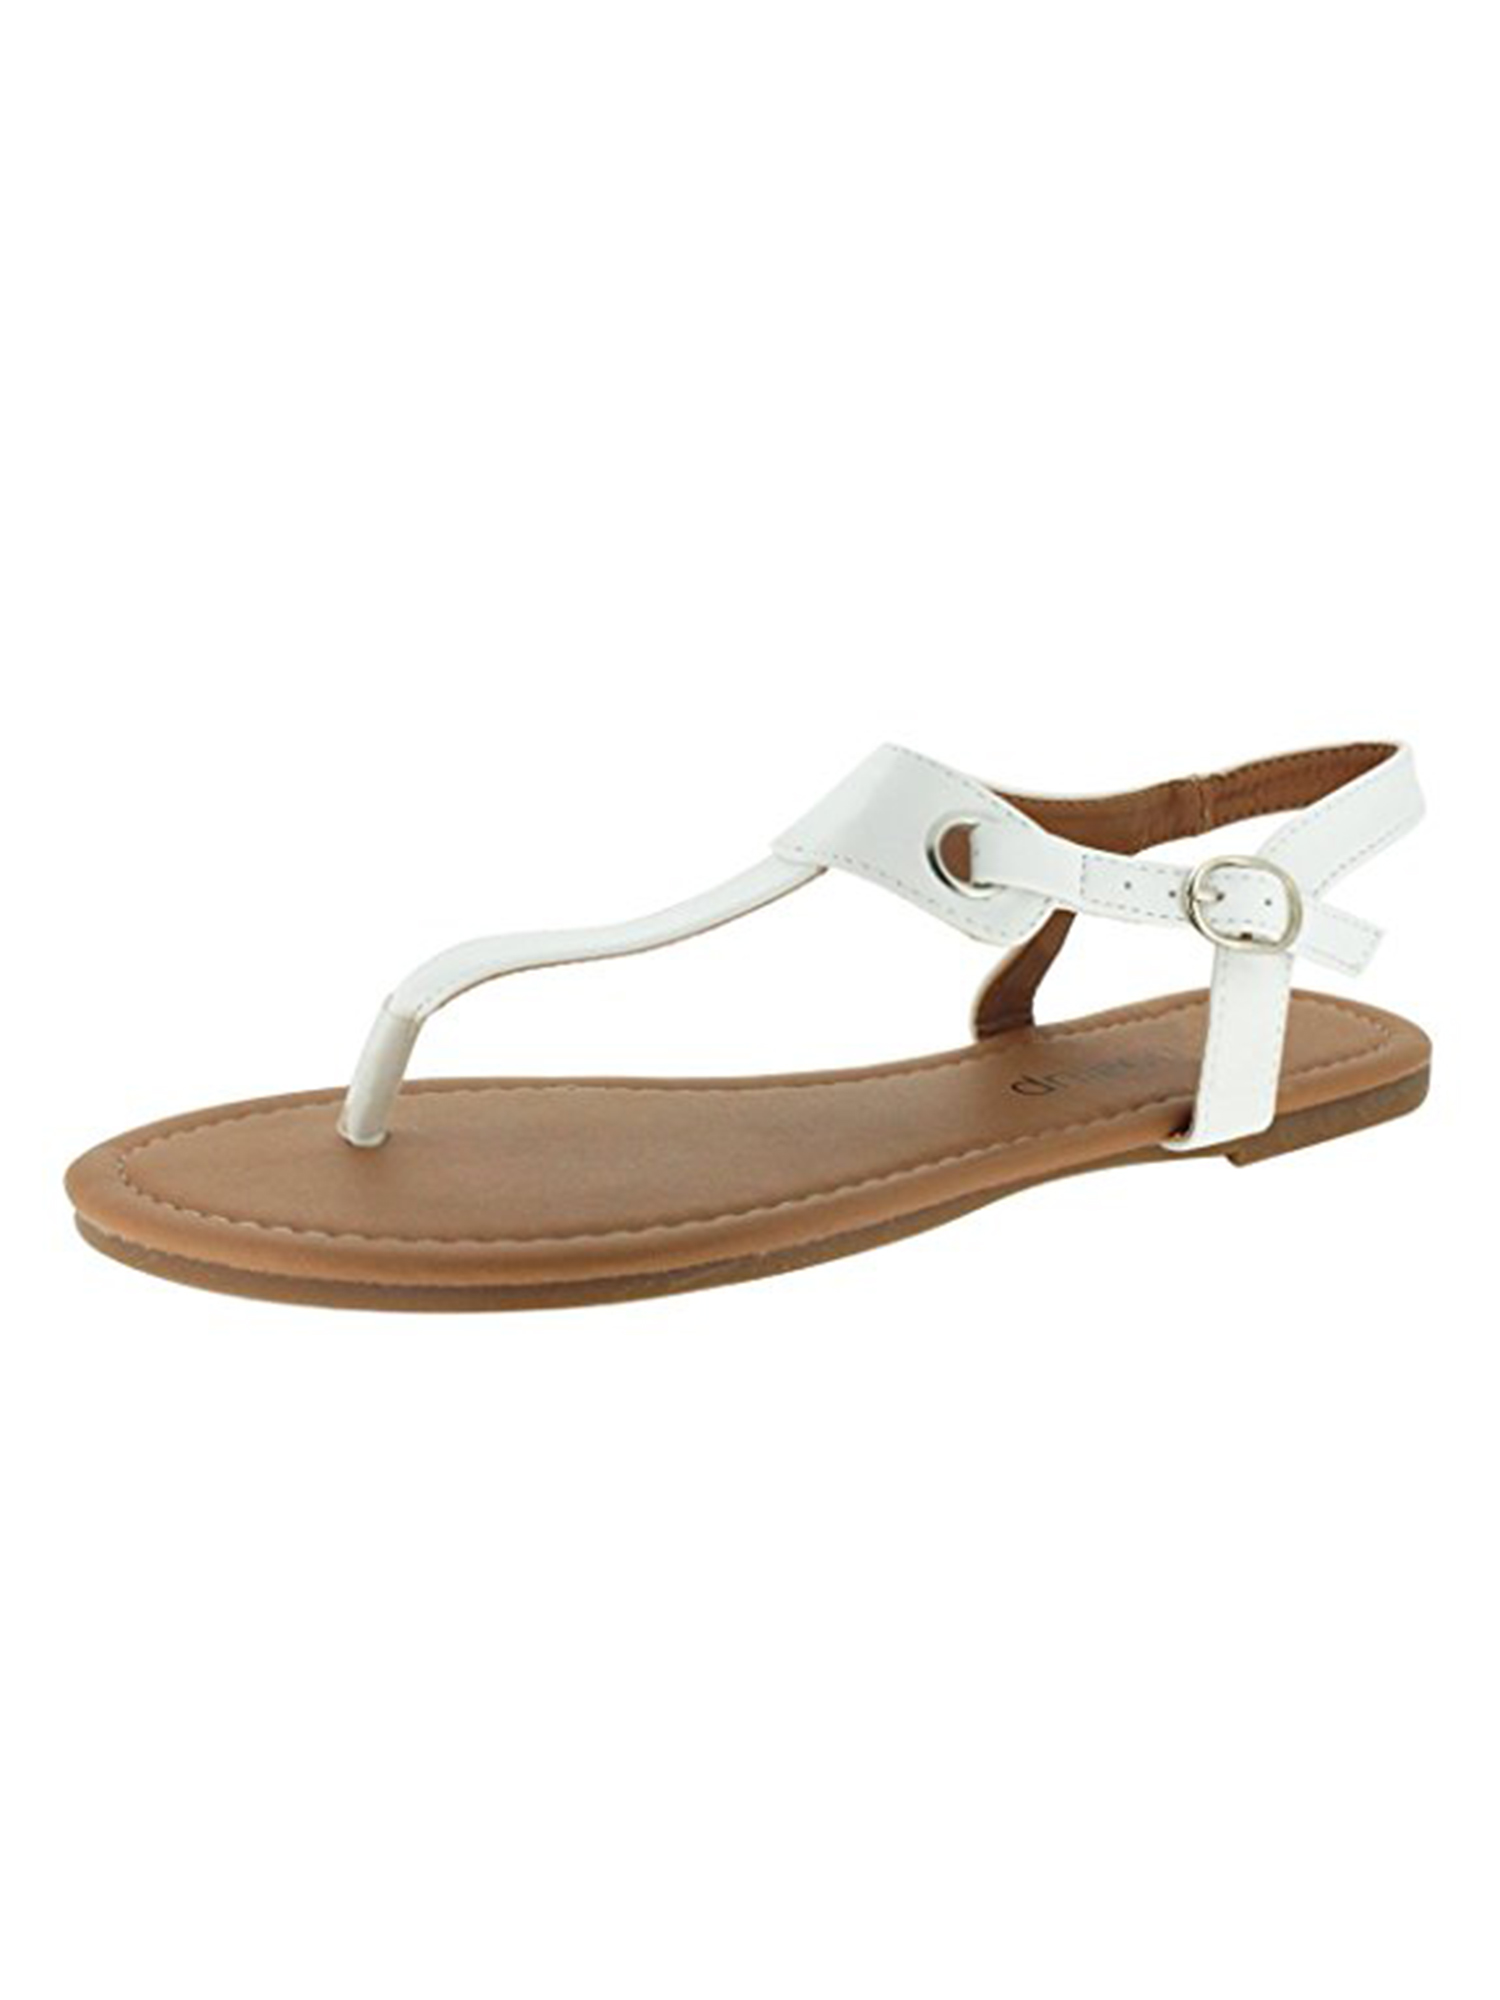 Sandalup Women Clearance Summer Sandals